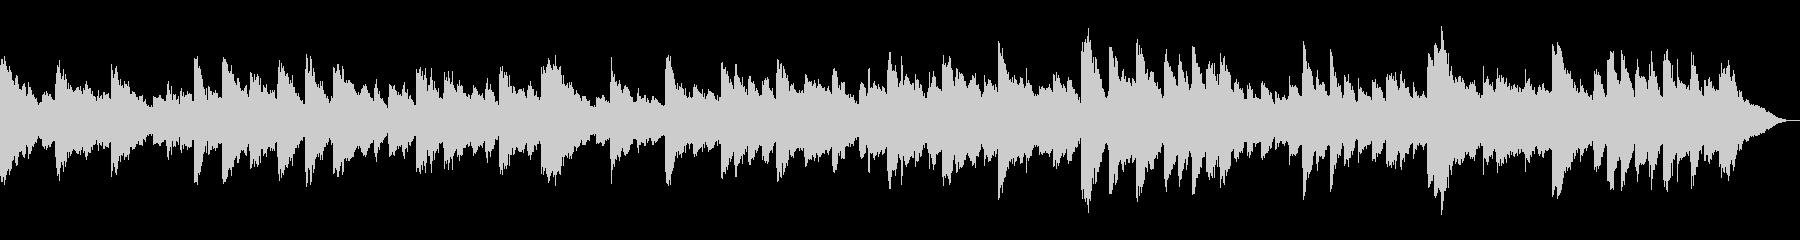 リラックス有名クラシック lofiピアノの未再生の波形